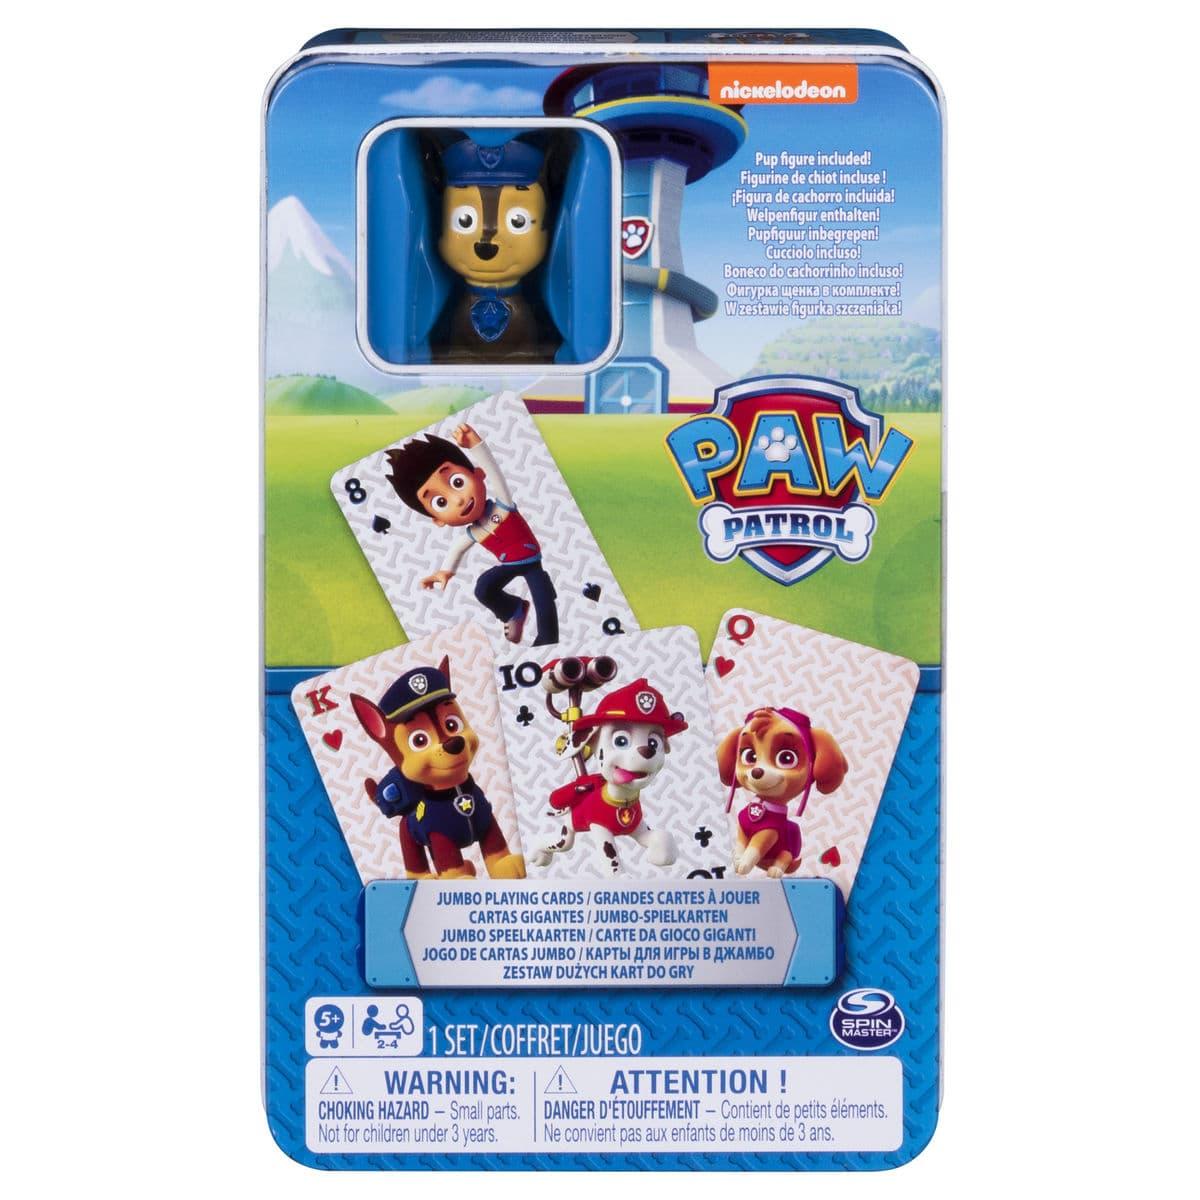 Paw Patrol Card Game